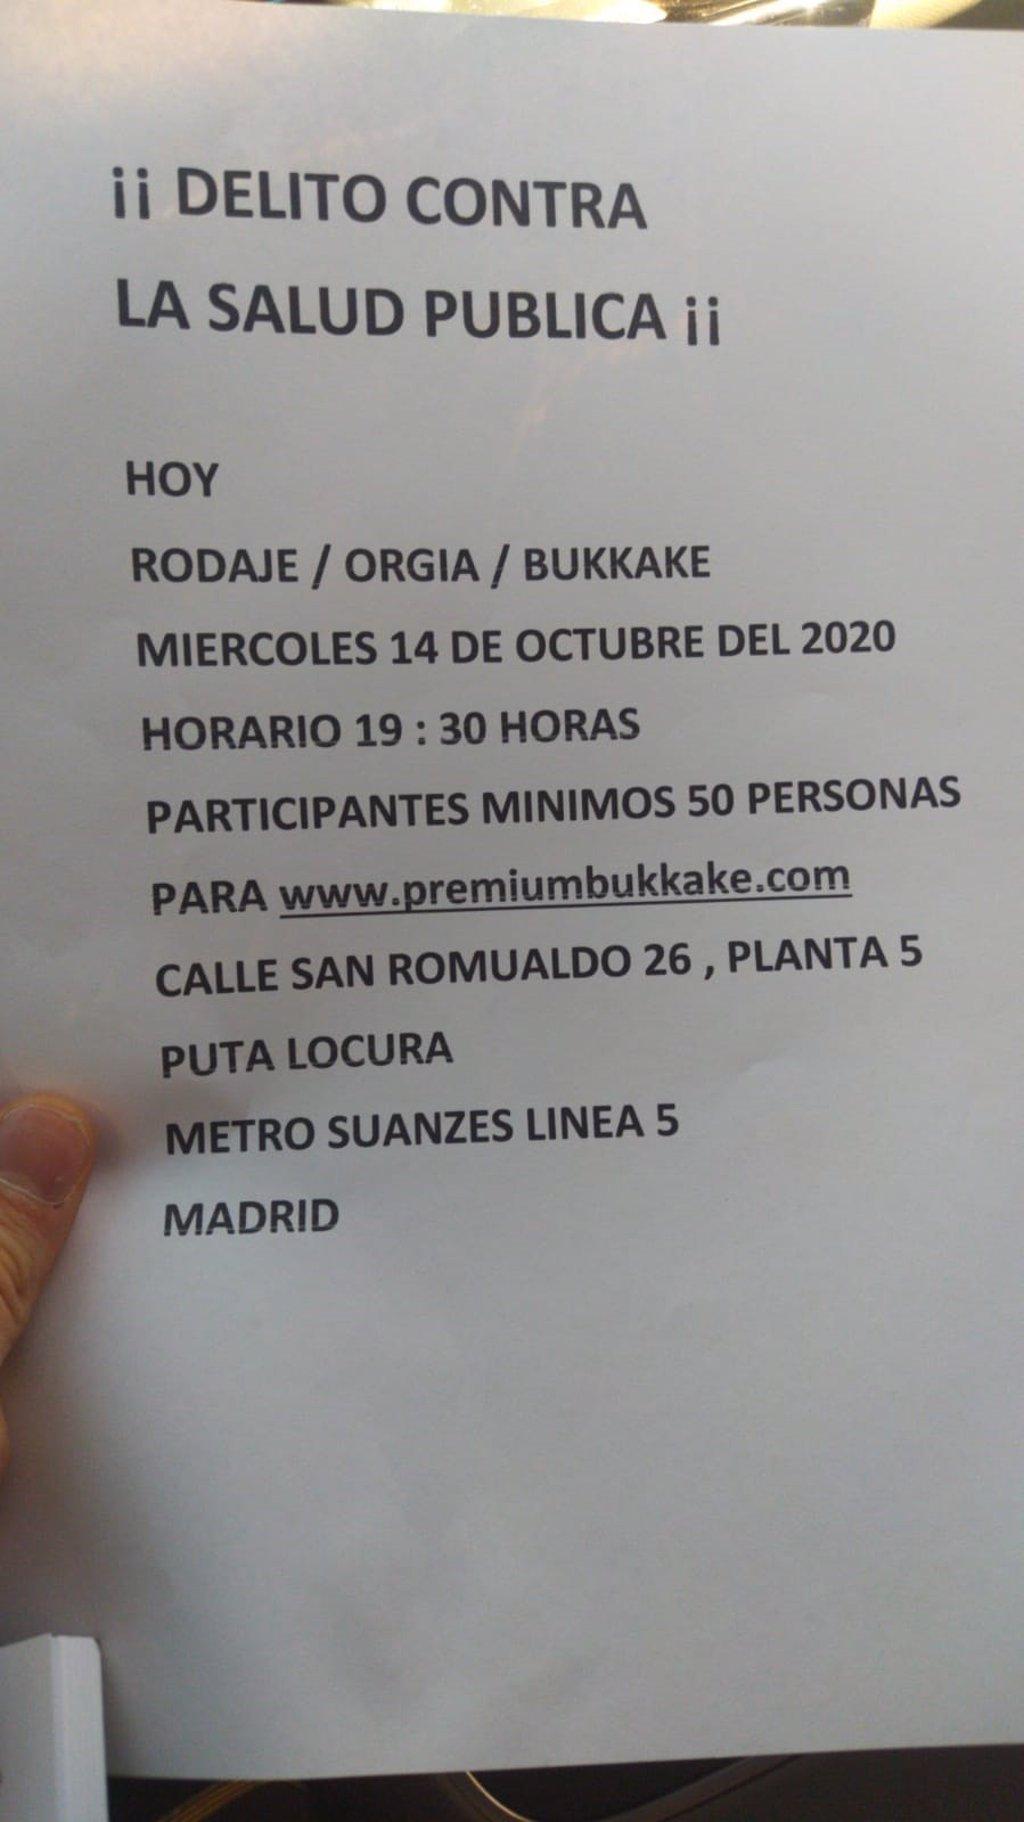 Noticia ruedan pelicula porno en las calles de madrid Denuncian A Torbe Por Grabar Una Escena Porno Con 50 Personas En Un Local De Madrid